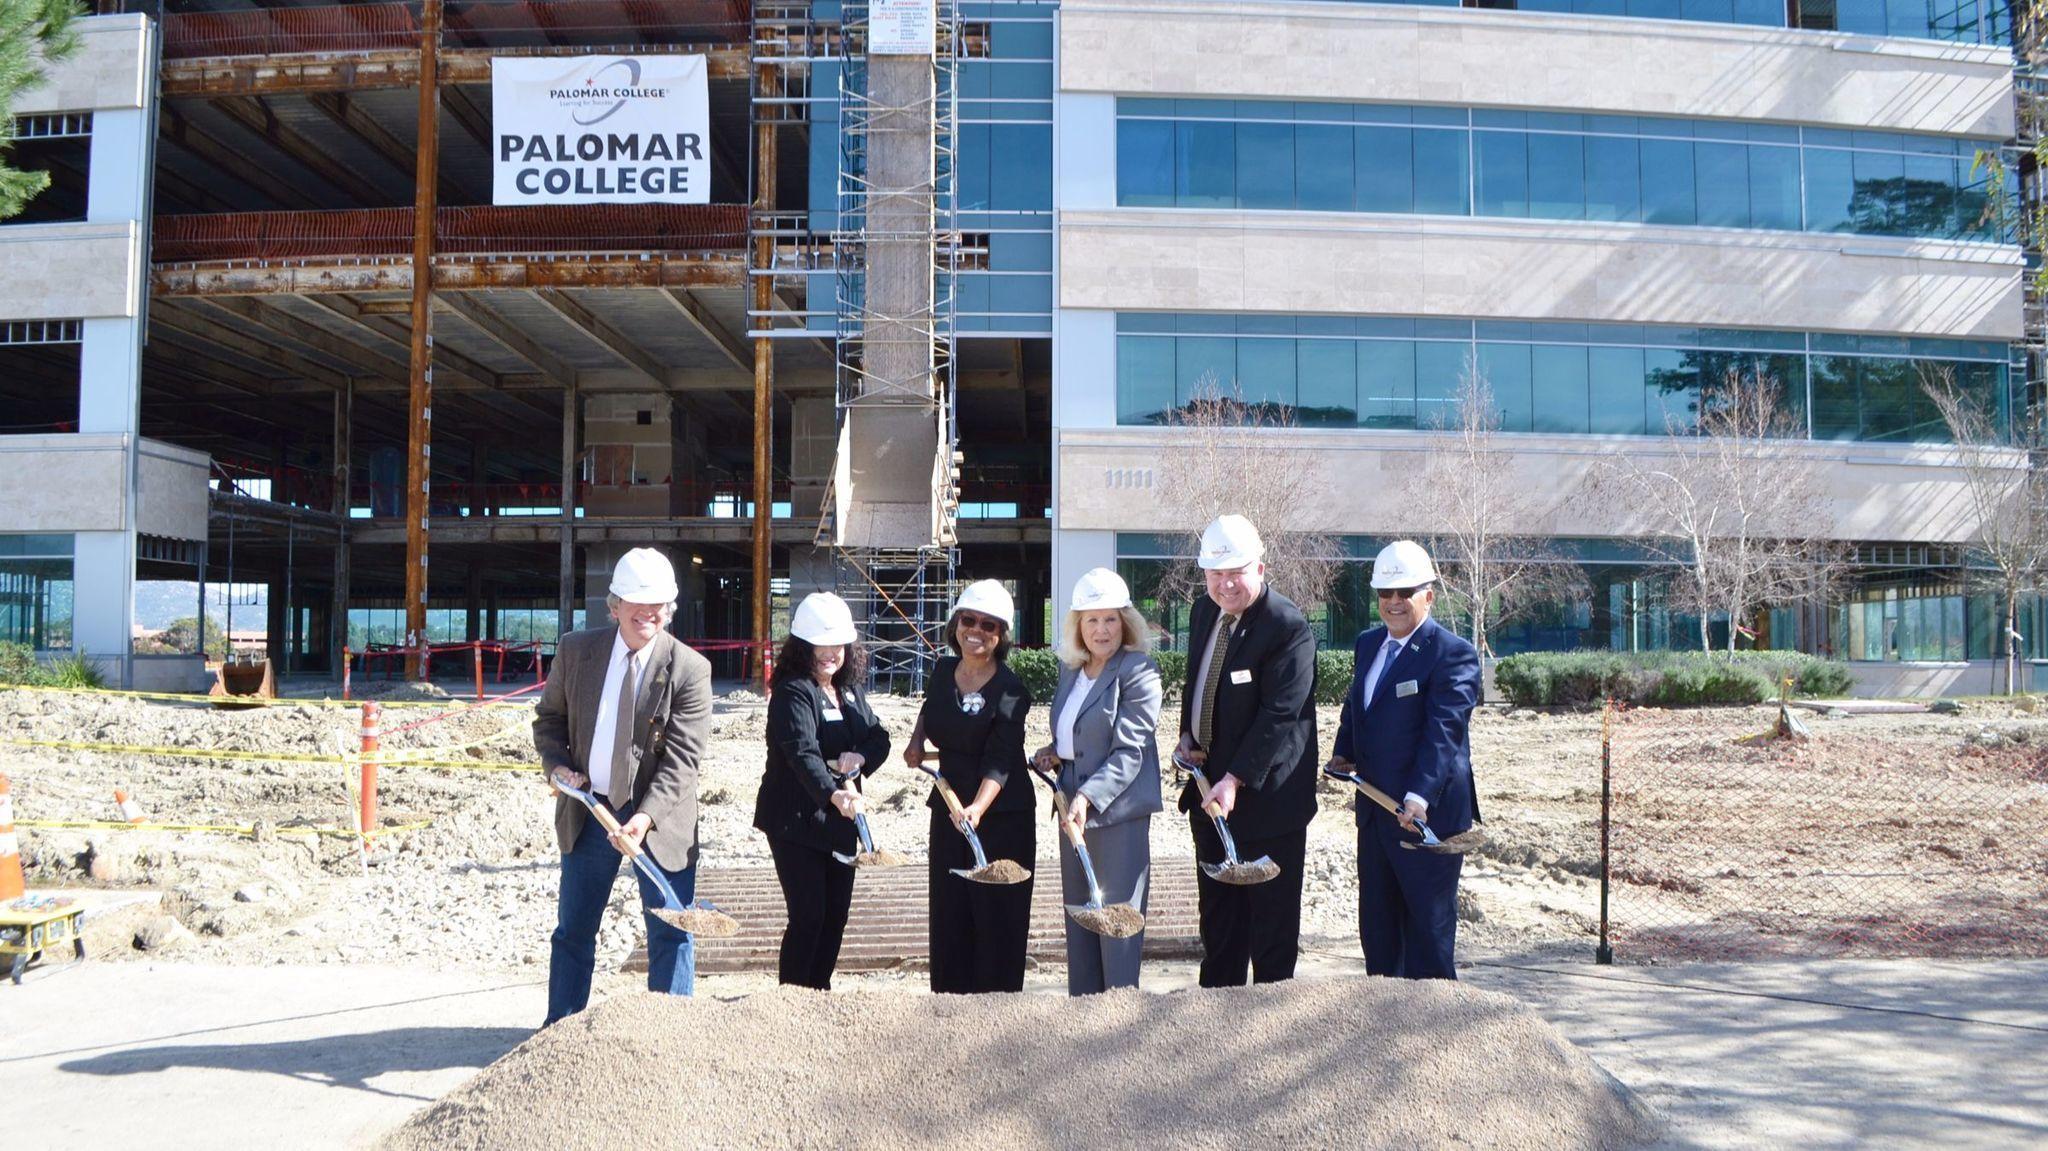 Palomar College Escondido Campus Map.Palomar College To Open Rancho Bernardo Campus For Summer 2018